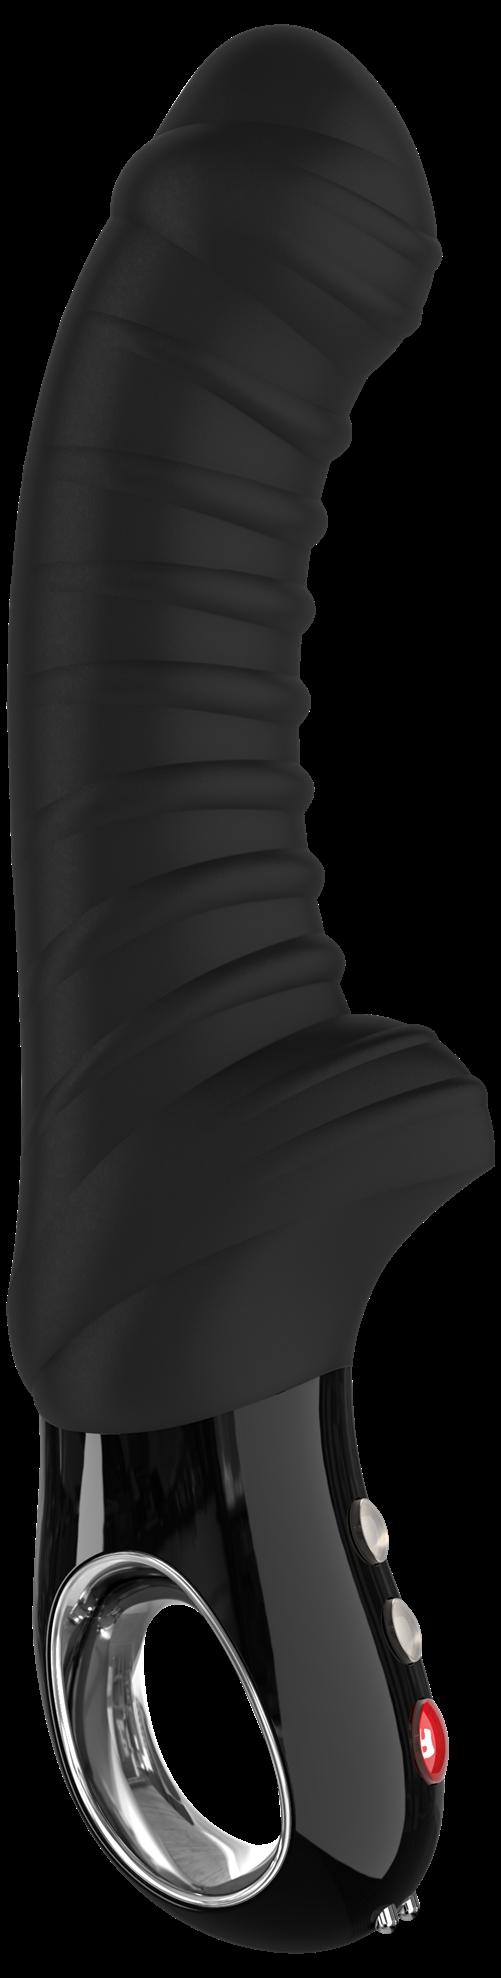 Tiger, black